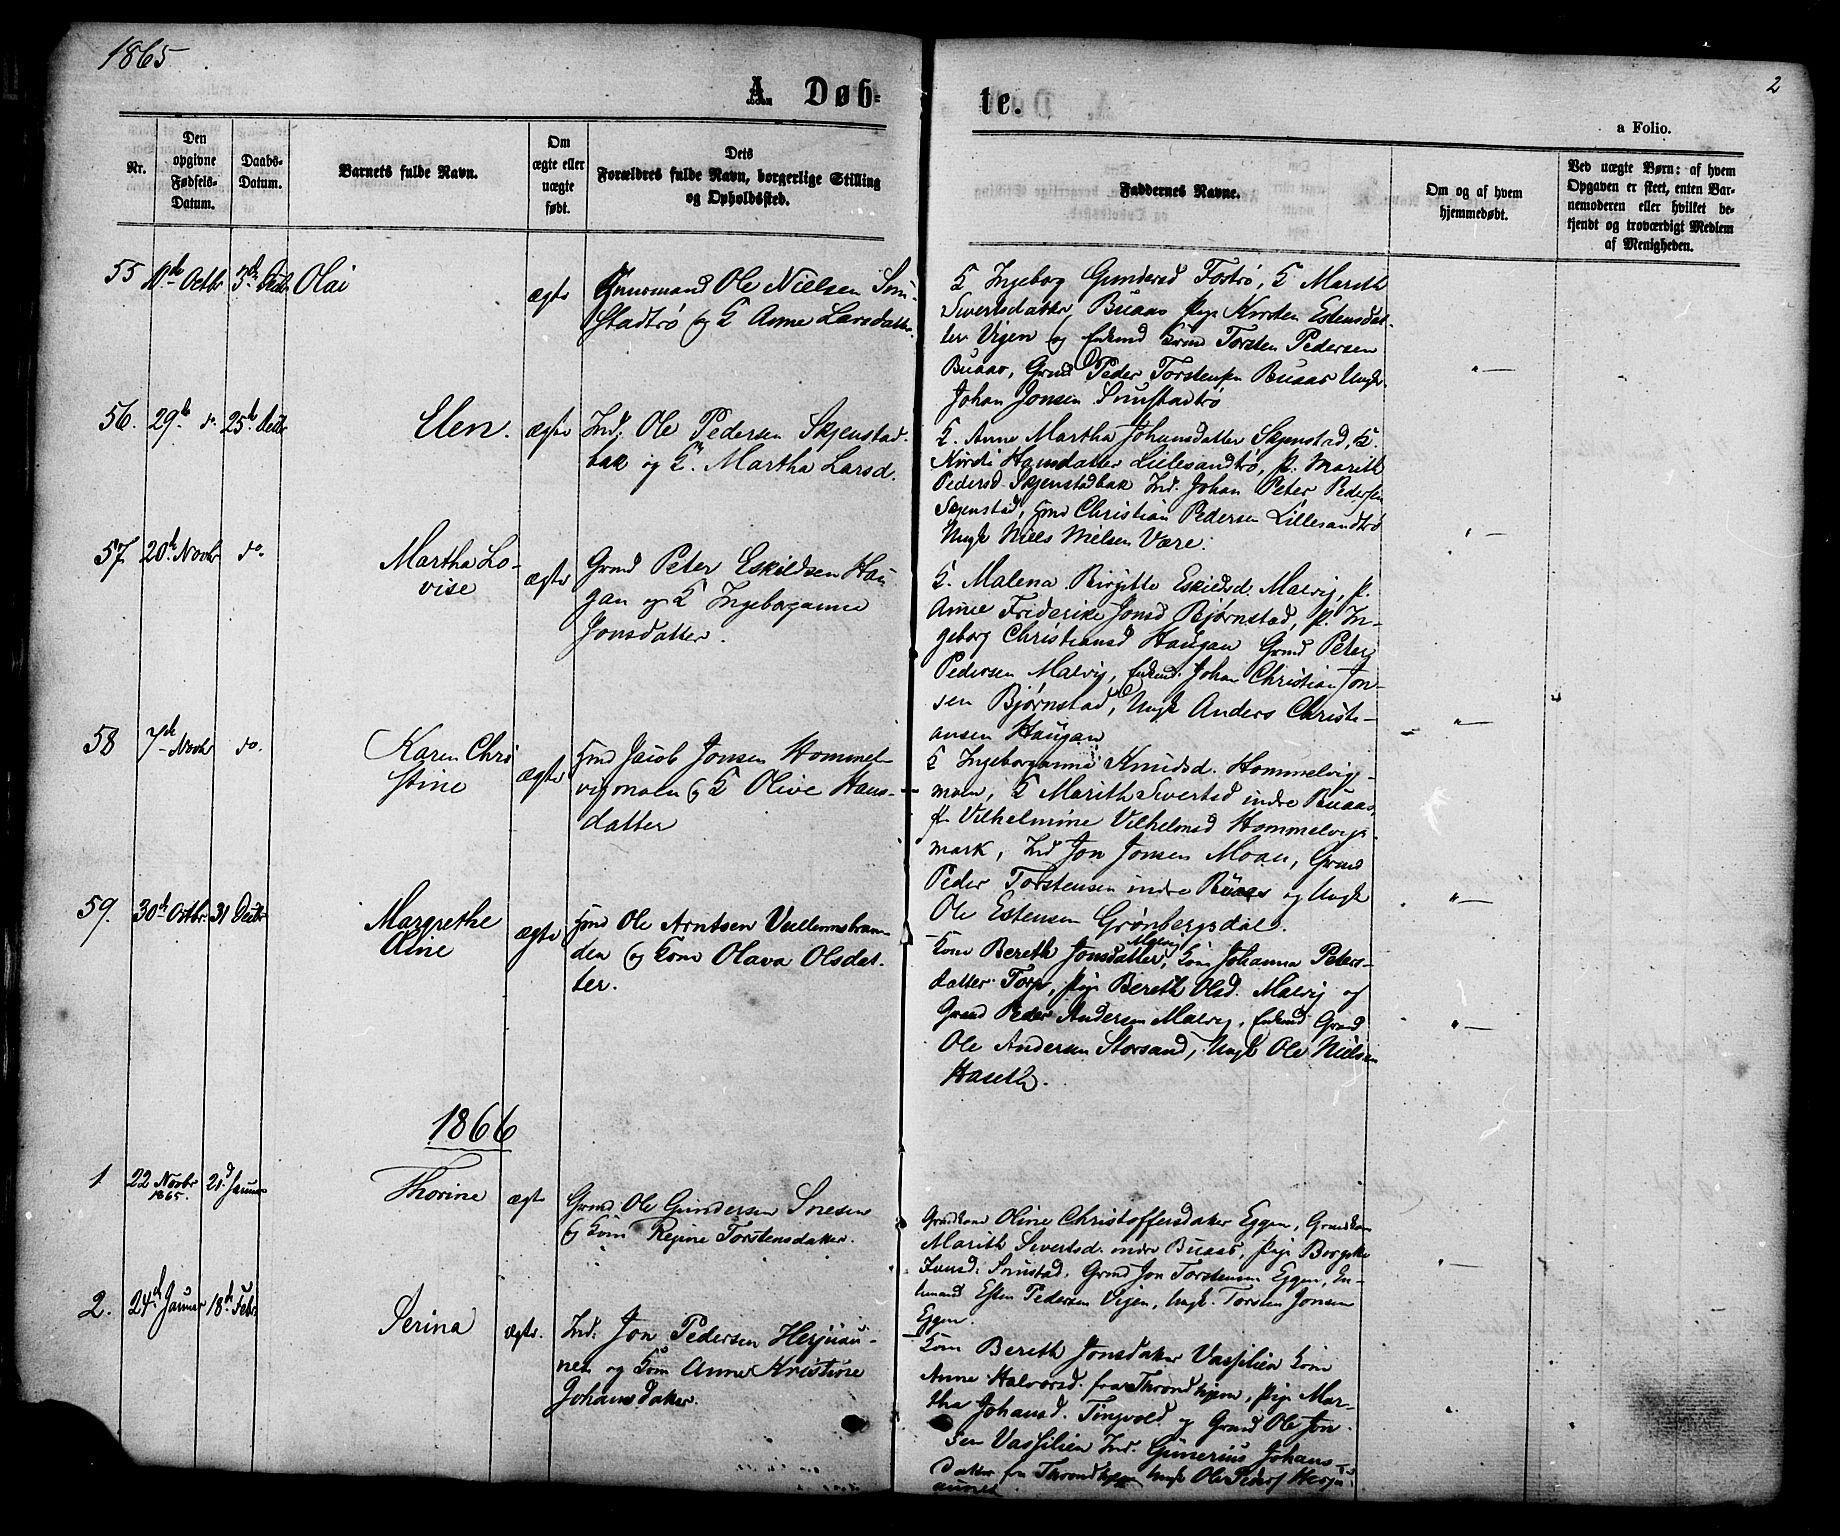 SAT, Ministerialprotokoller, klokkerbøker og fødselsregistre - Sør-Trøndelag, 616/L0409: Ministerialbok nr. 616A06, 1865-1877, s. 2